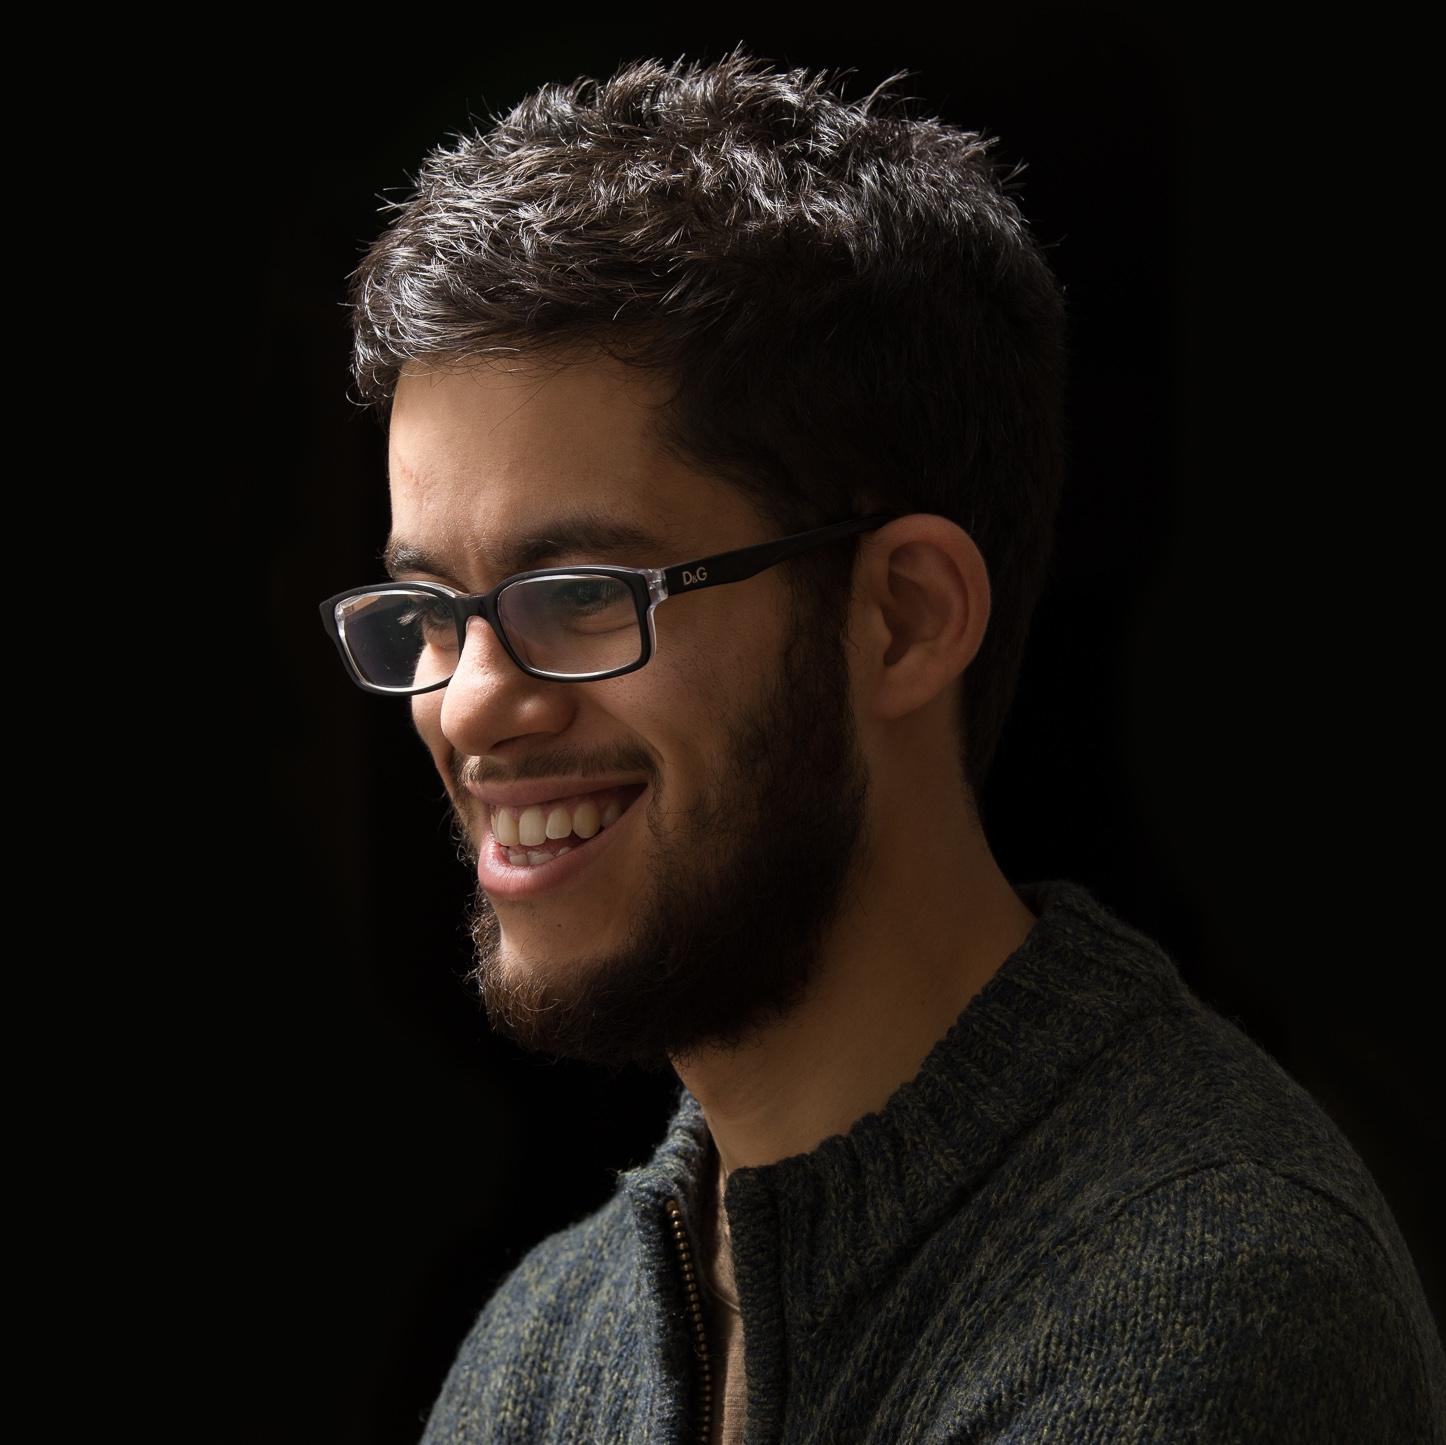 Daniel Christiansz, Photographer and Digital Storyteller in Melbourne, Australia